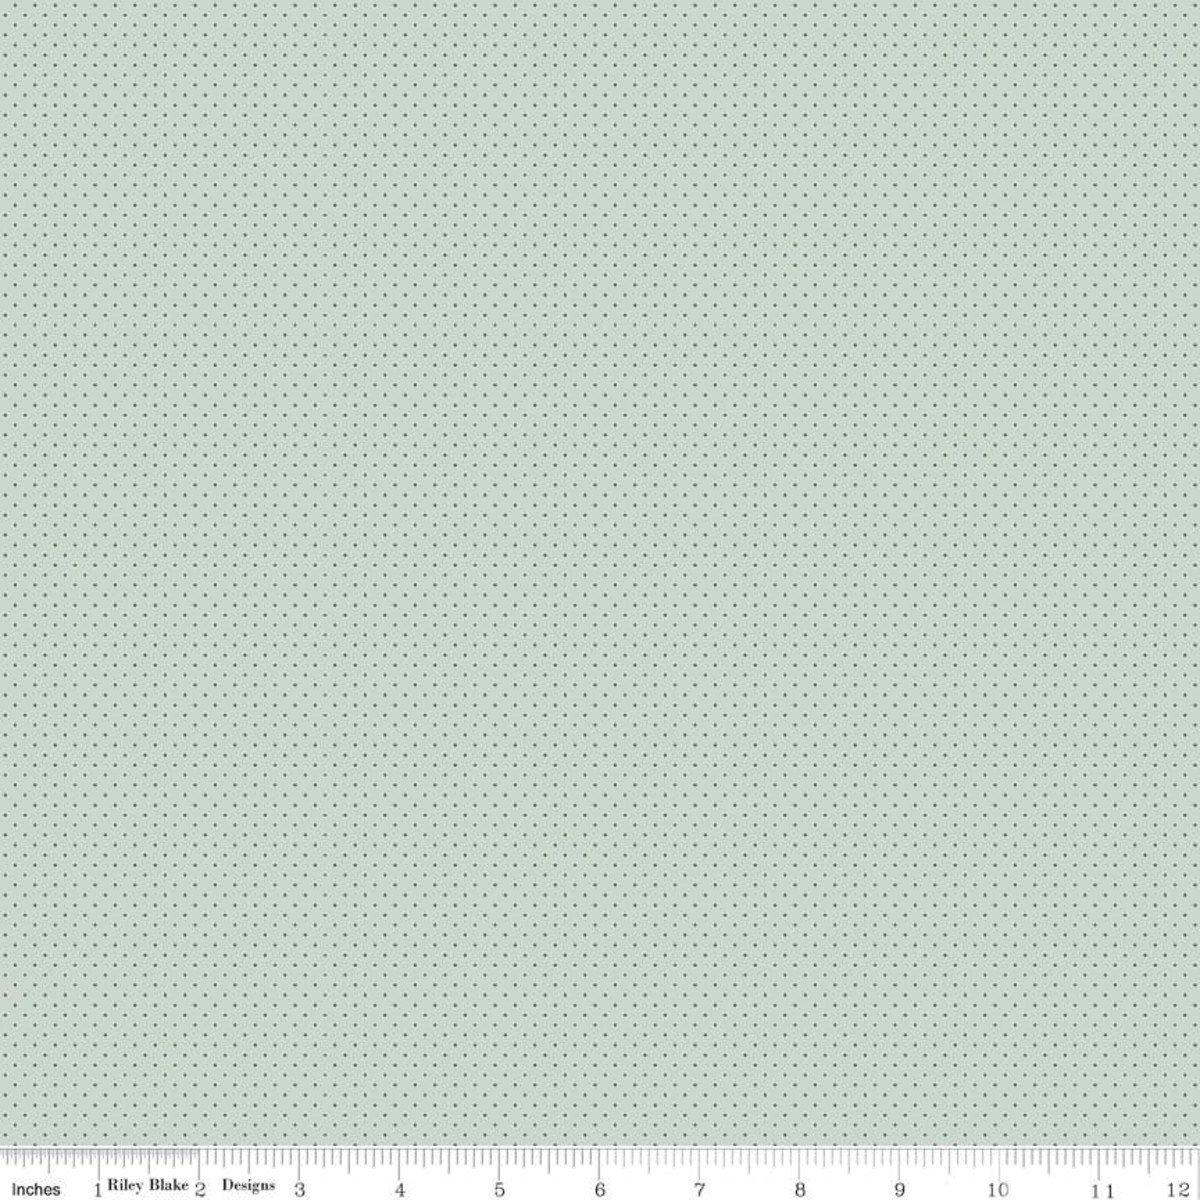 Modern Farmhouse Tiny Plus Sage SC9466-Sage